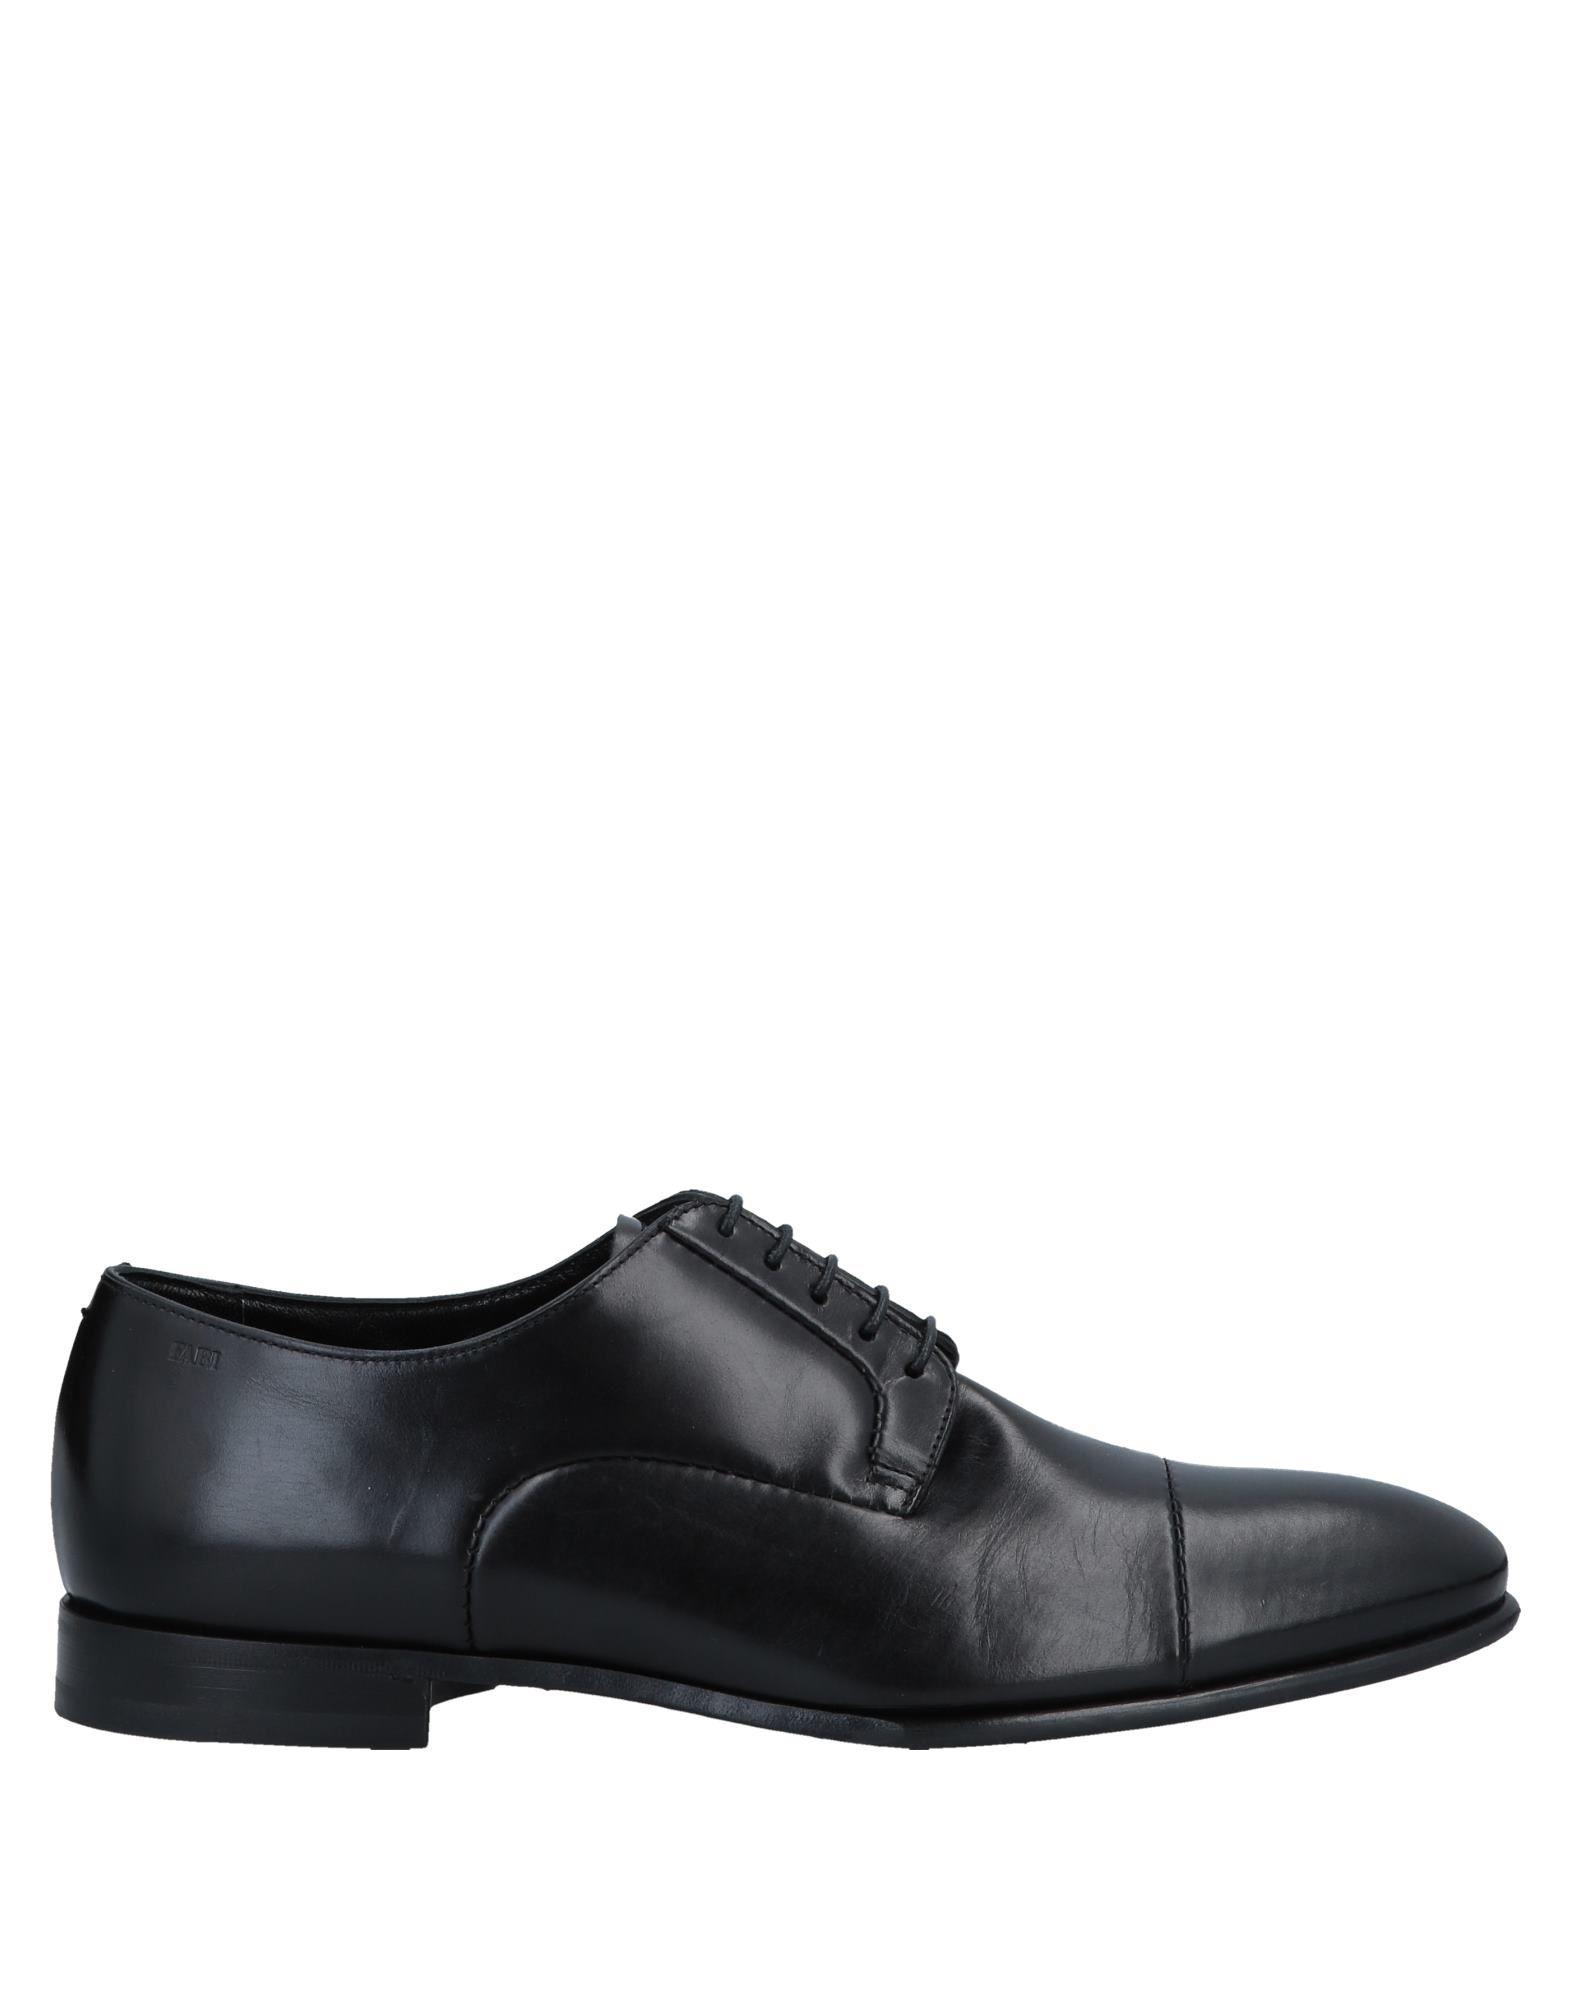 Negro Zapato De Cordones Fabi Hombre - - - Zapatos De Cordones Fabi Moda barata y hermosa 3a29ab